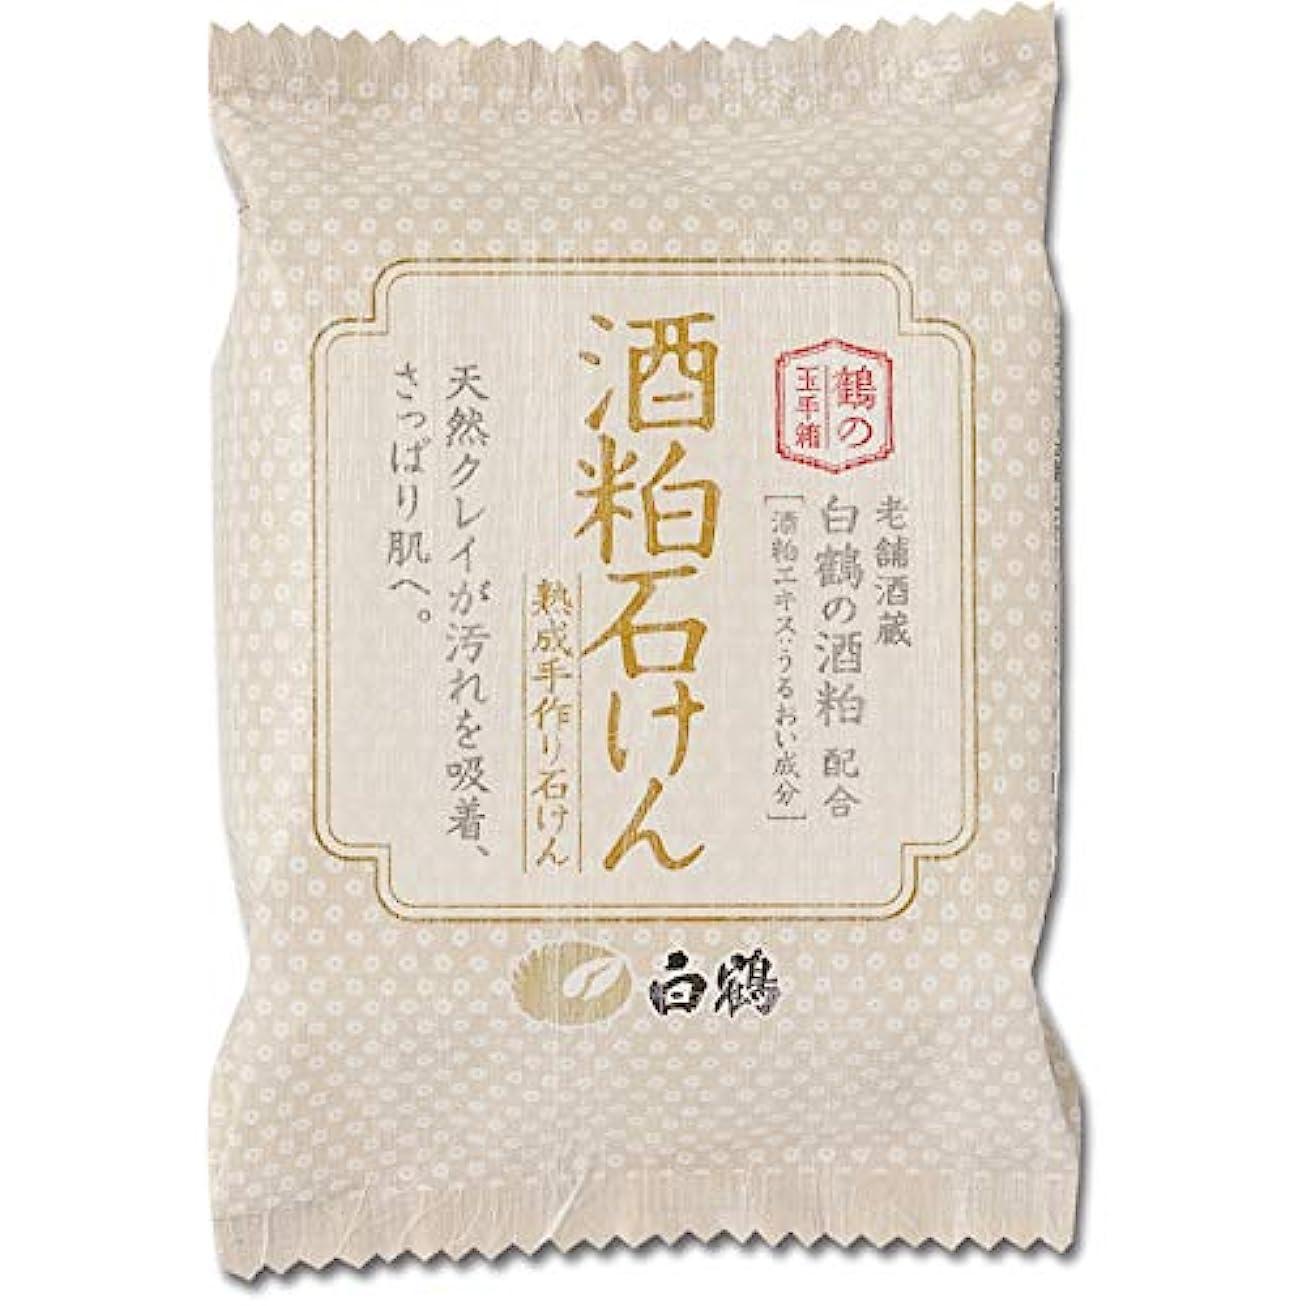 二次敷居抱擁白鶴 鶴の玉手箱 酒粕石けん 100g (全身用石鹸)